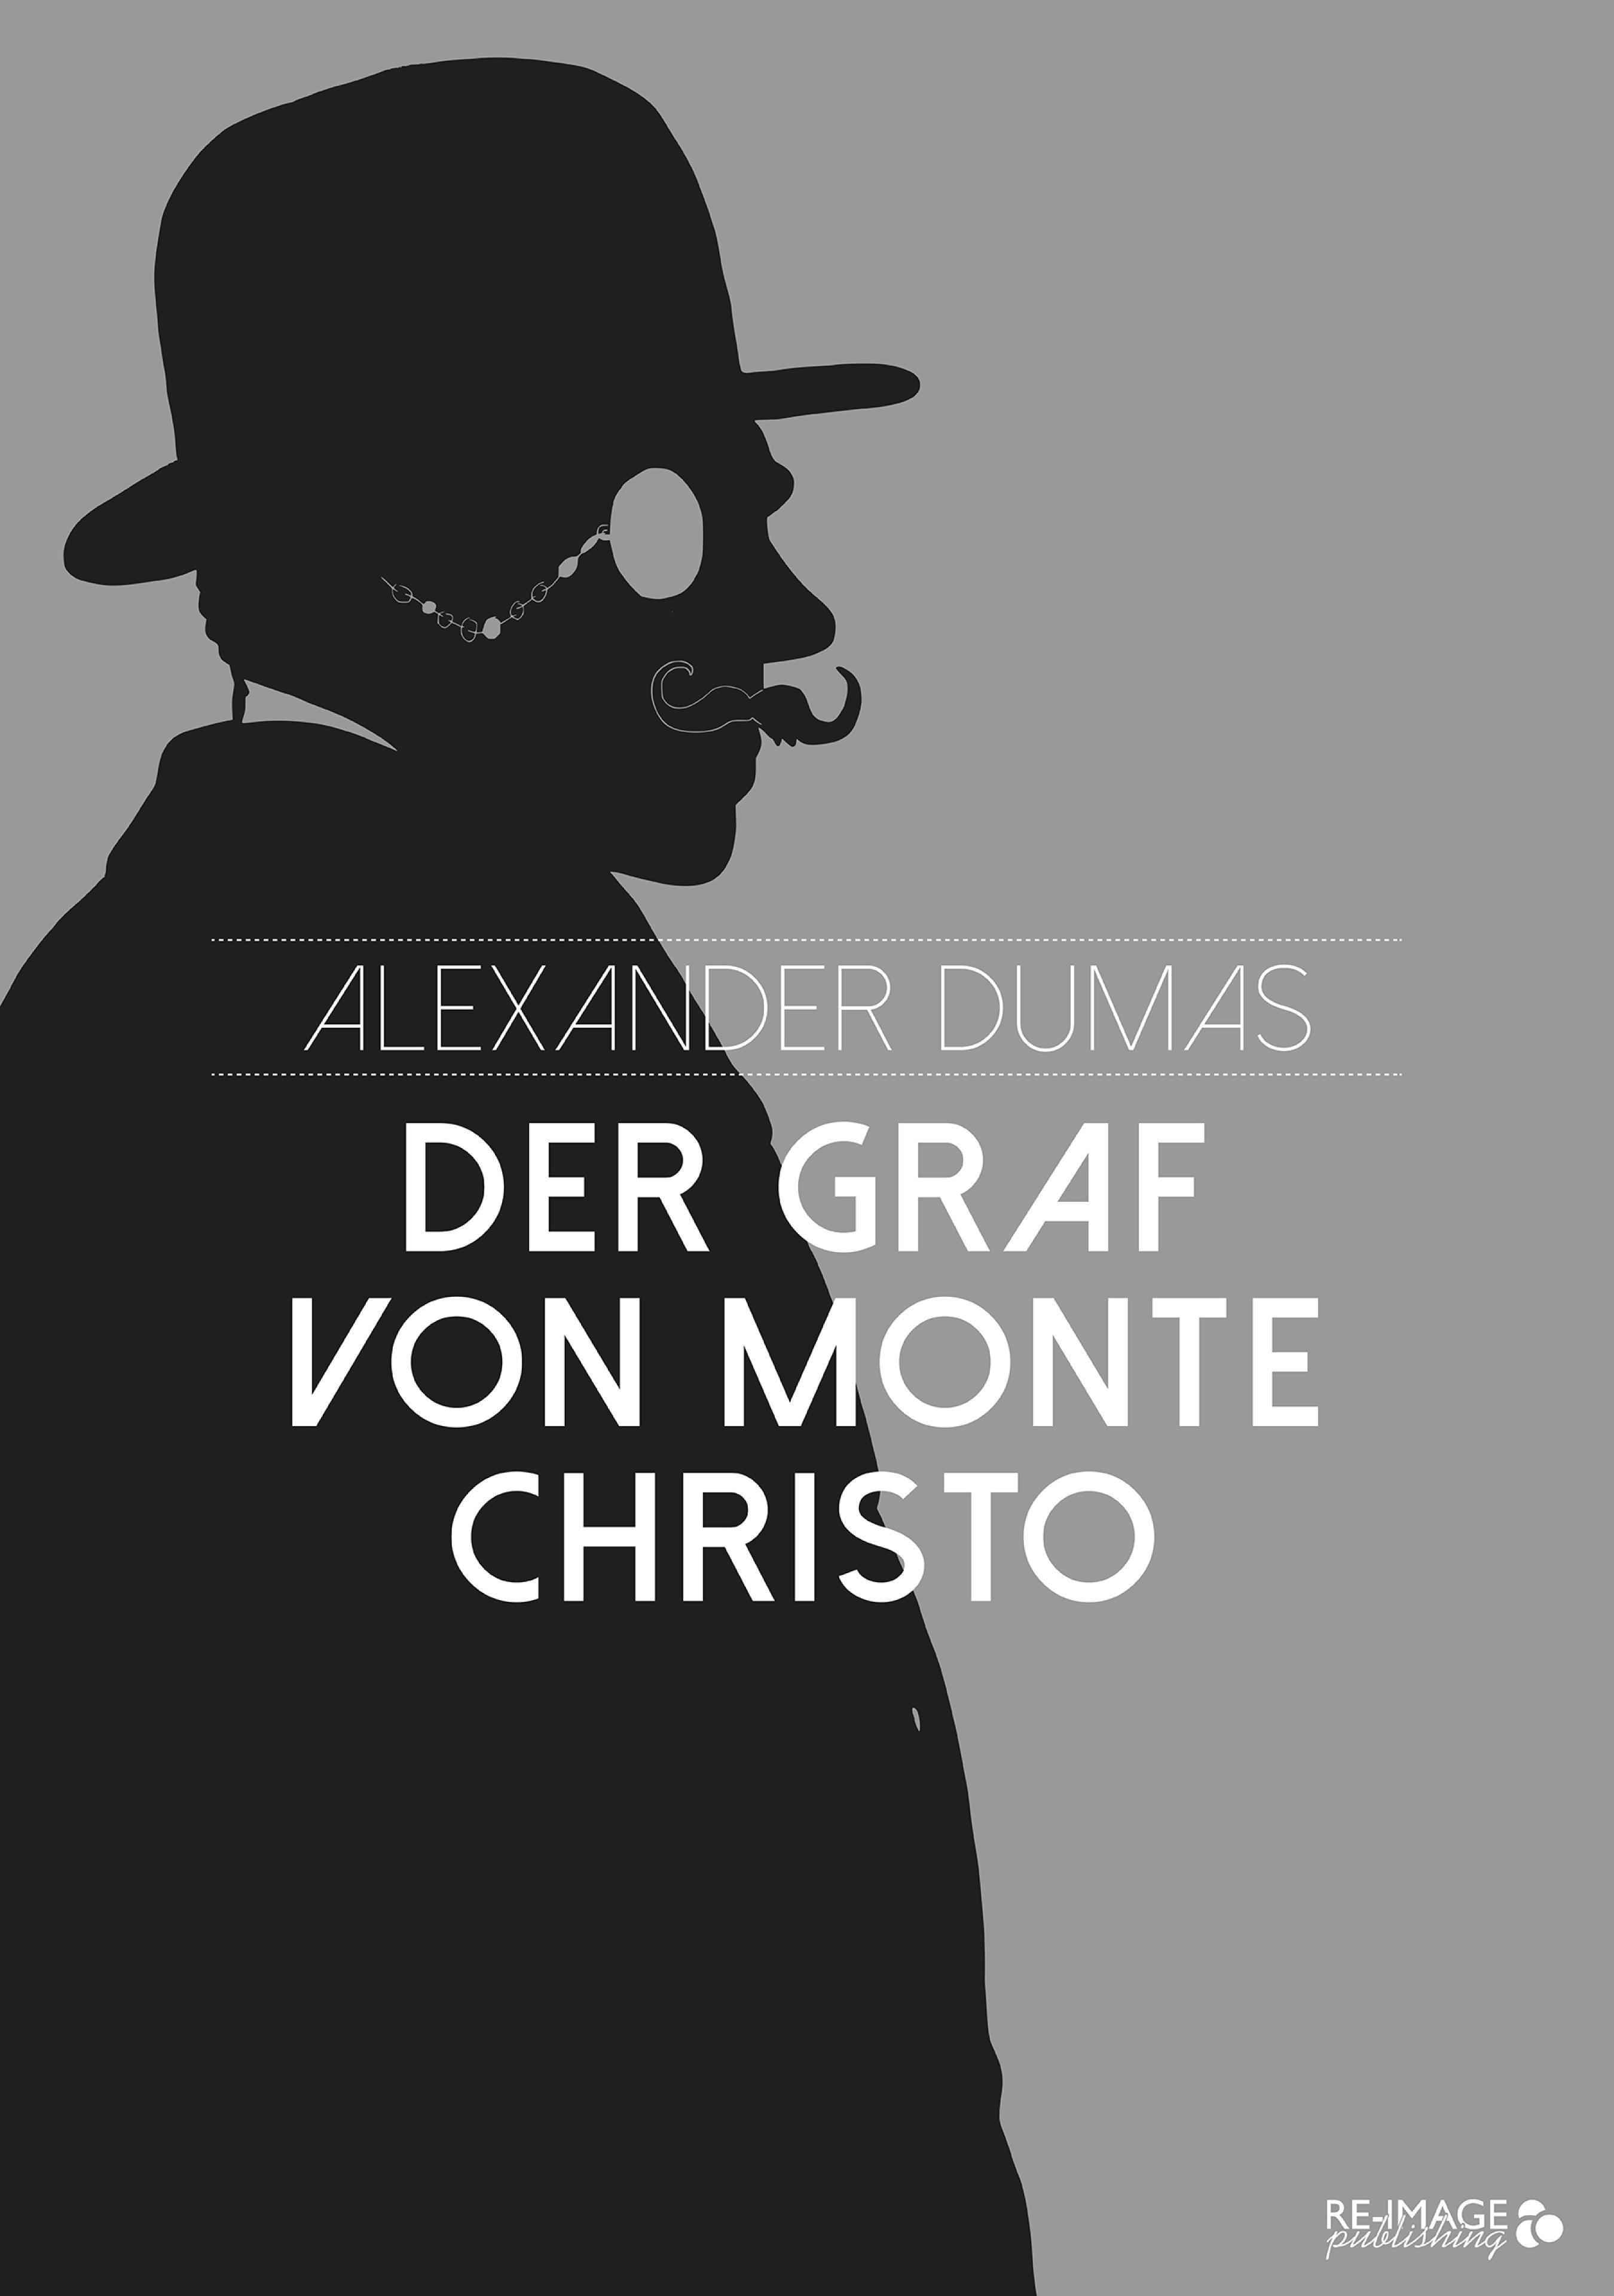 Alexander Dumas Der Graf von Monte Christo monte christo прогулка по венеции печенье 400 г